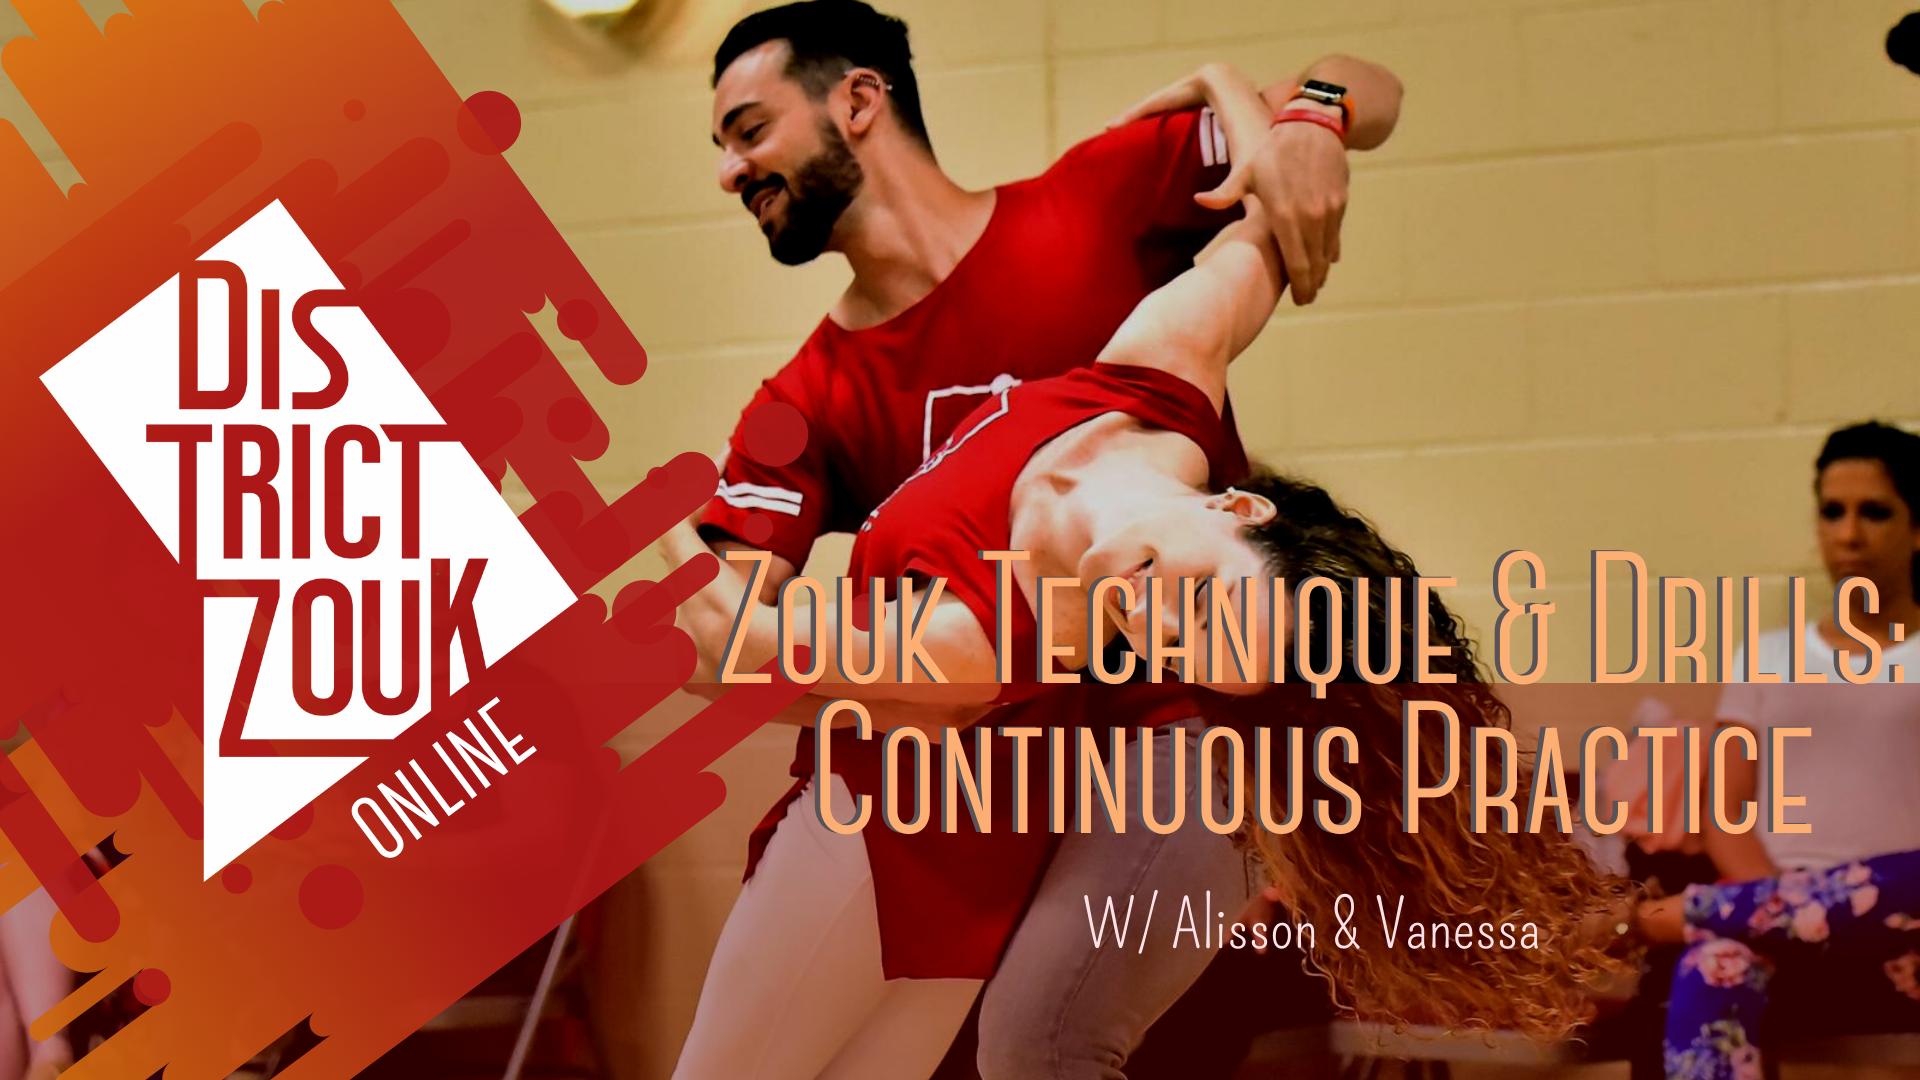 Zouk Technique & Drills: Continuous Practice